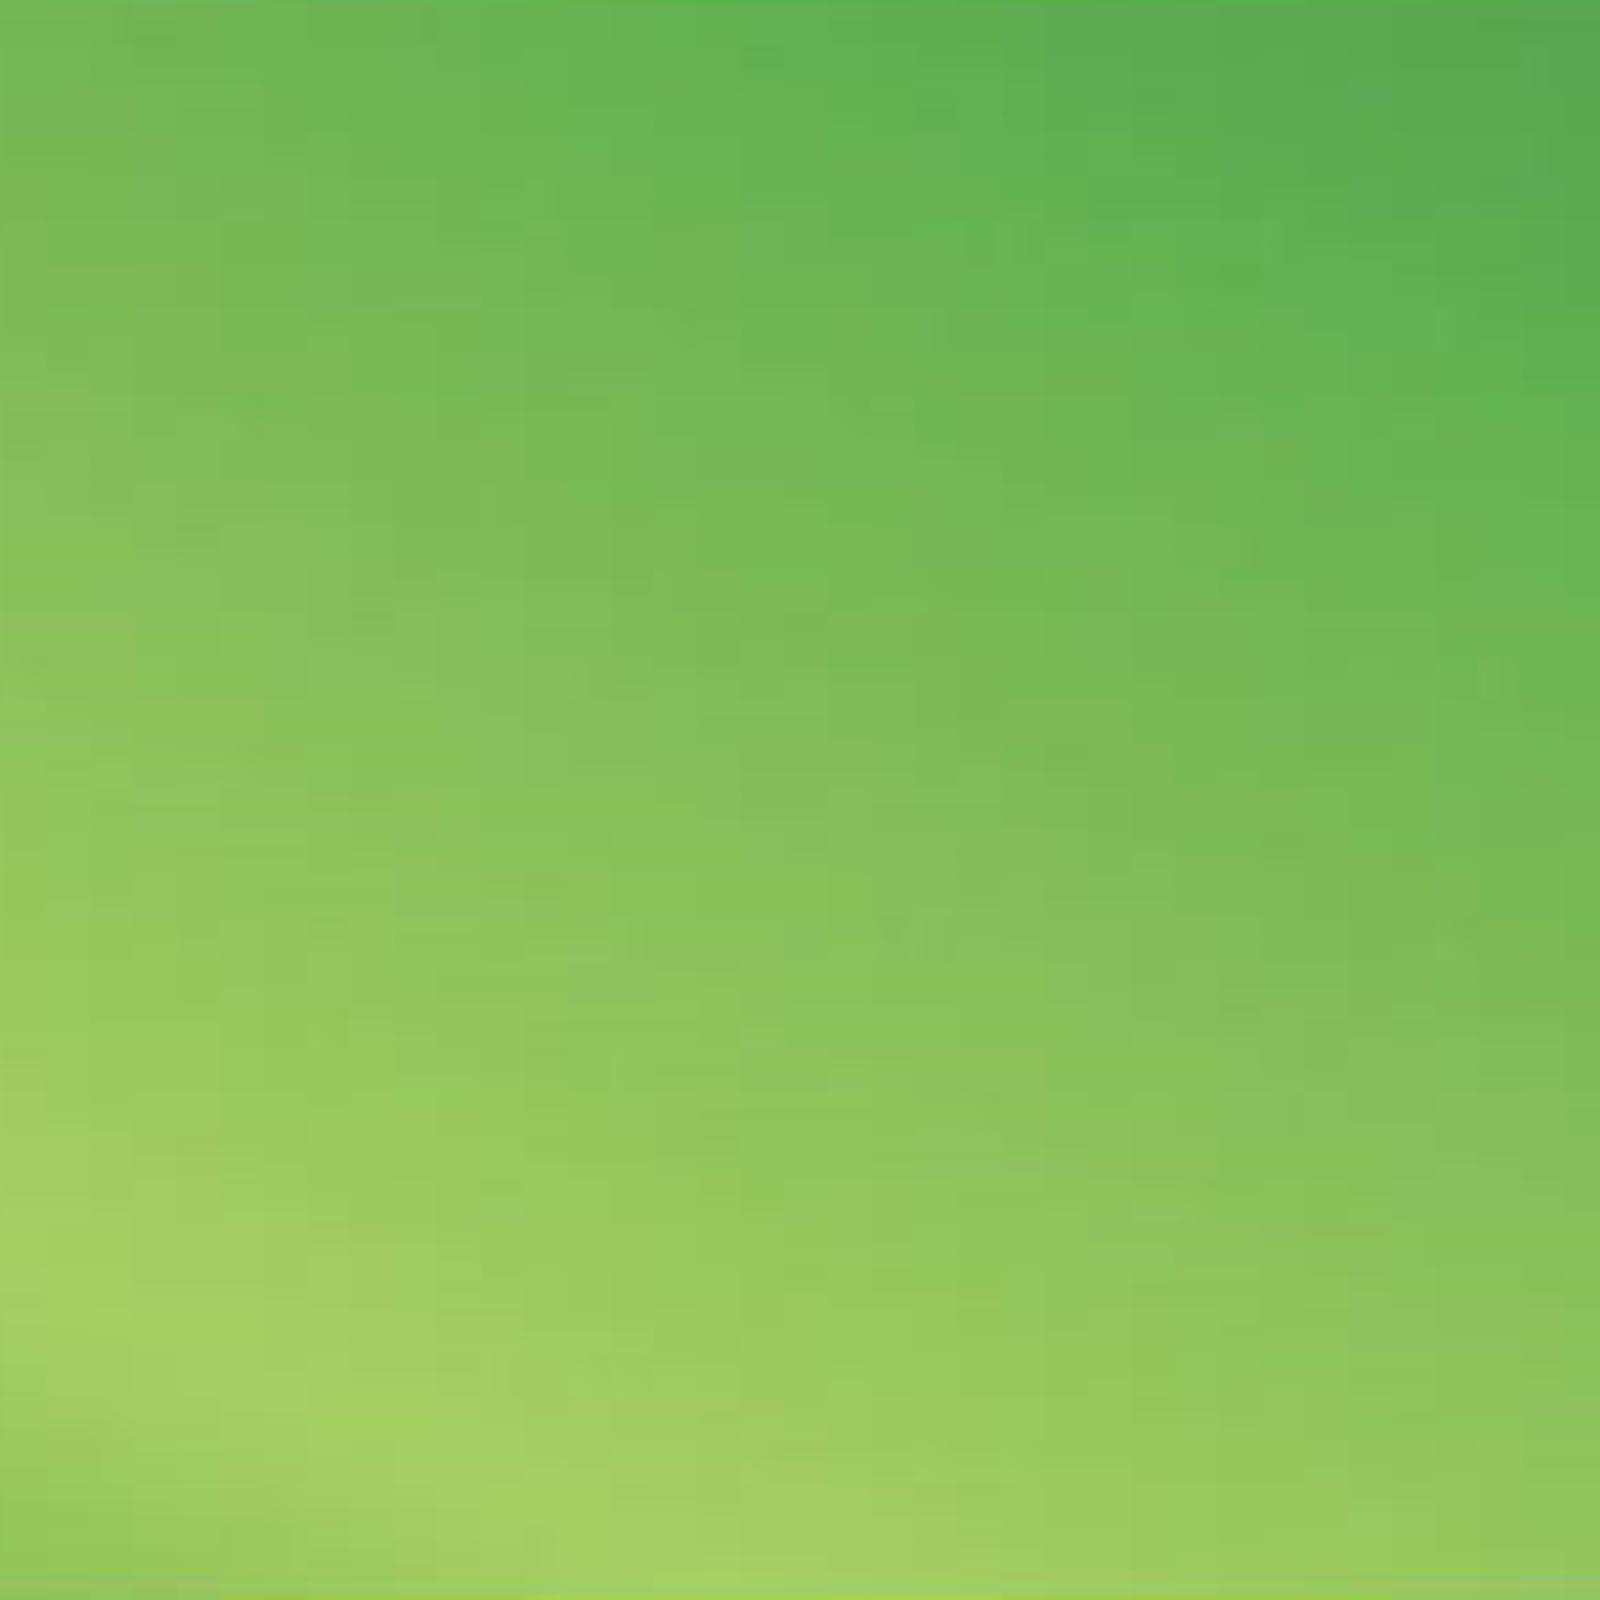 verde deschis metalizat creamy